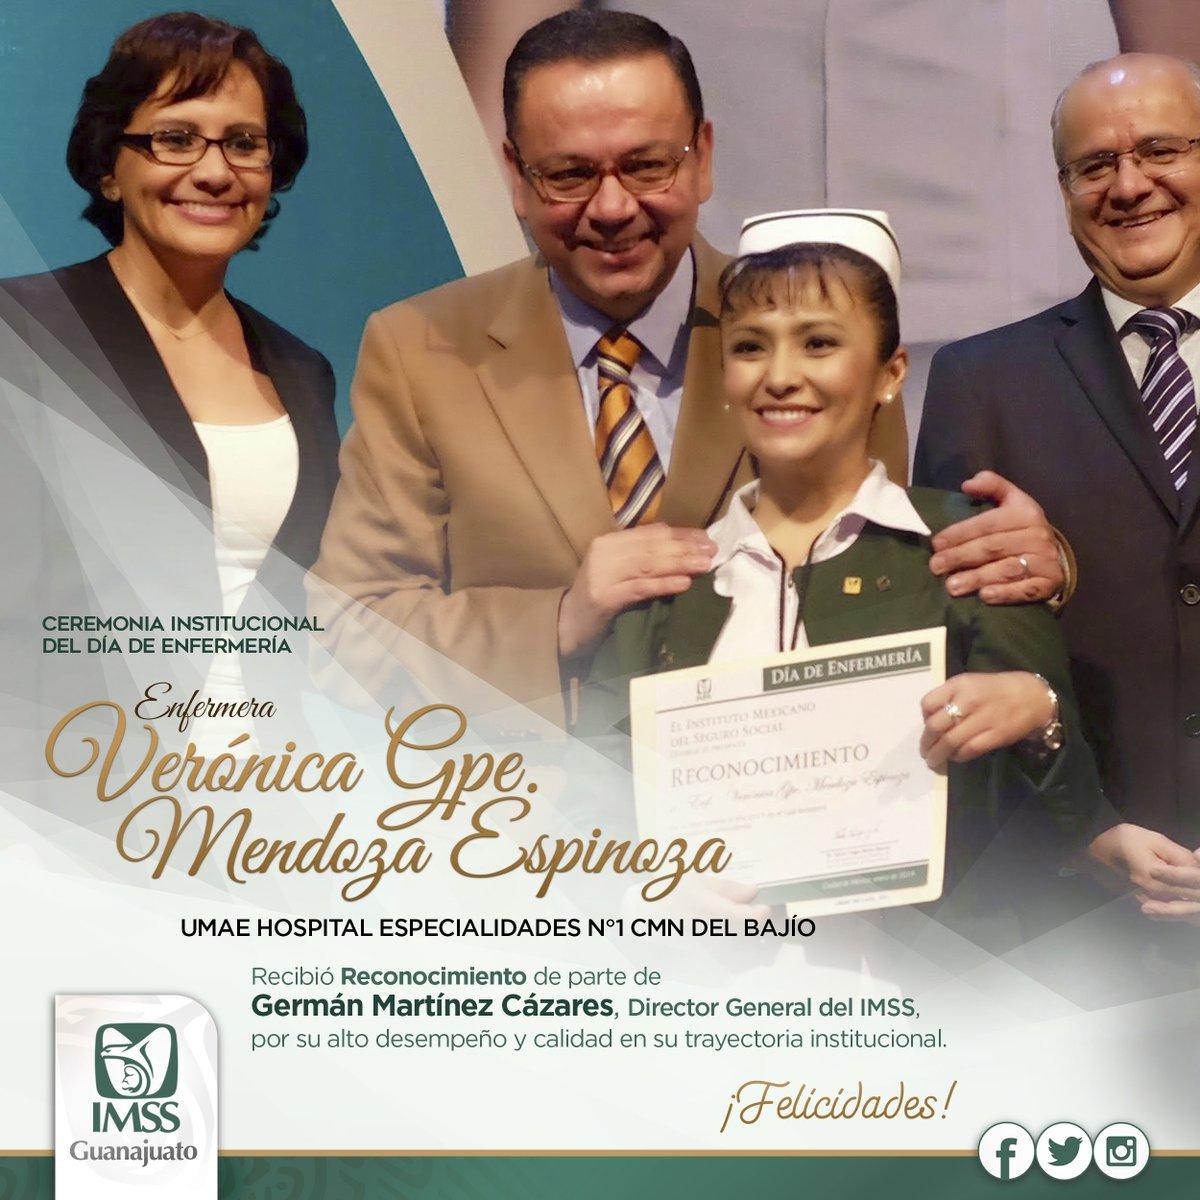 IMSS Guanajuato's photo on Día de la Enfermera